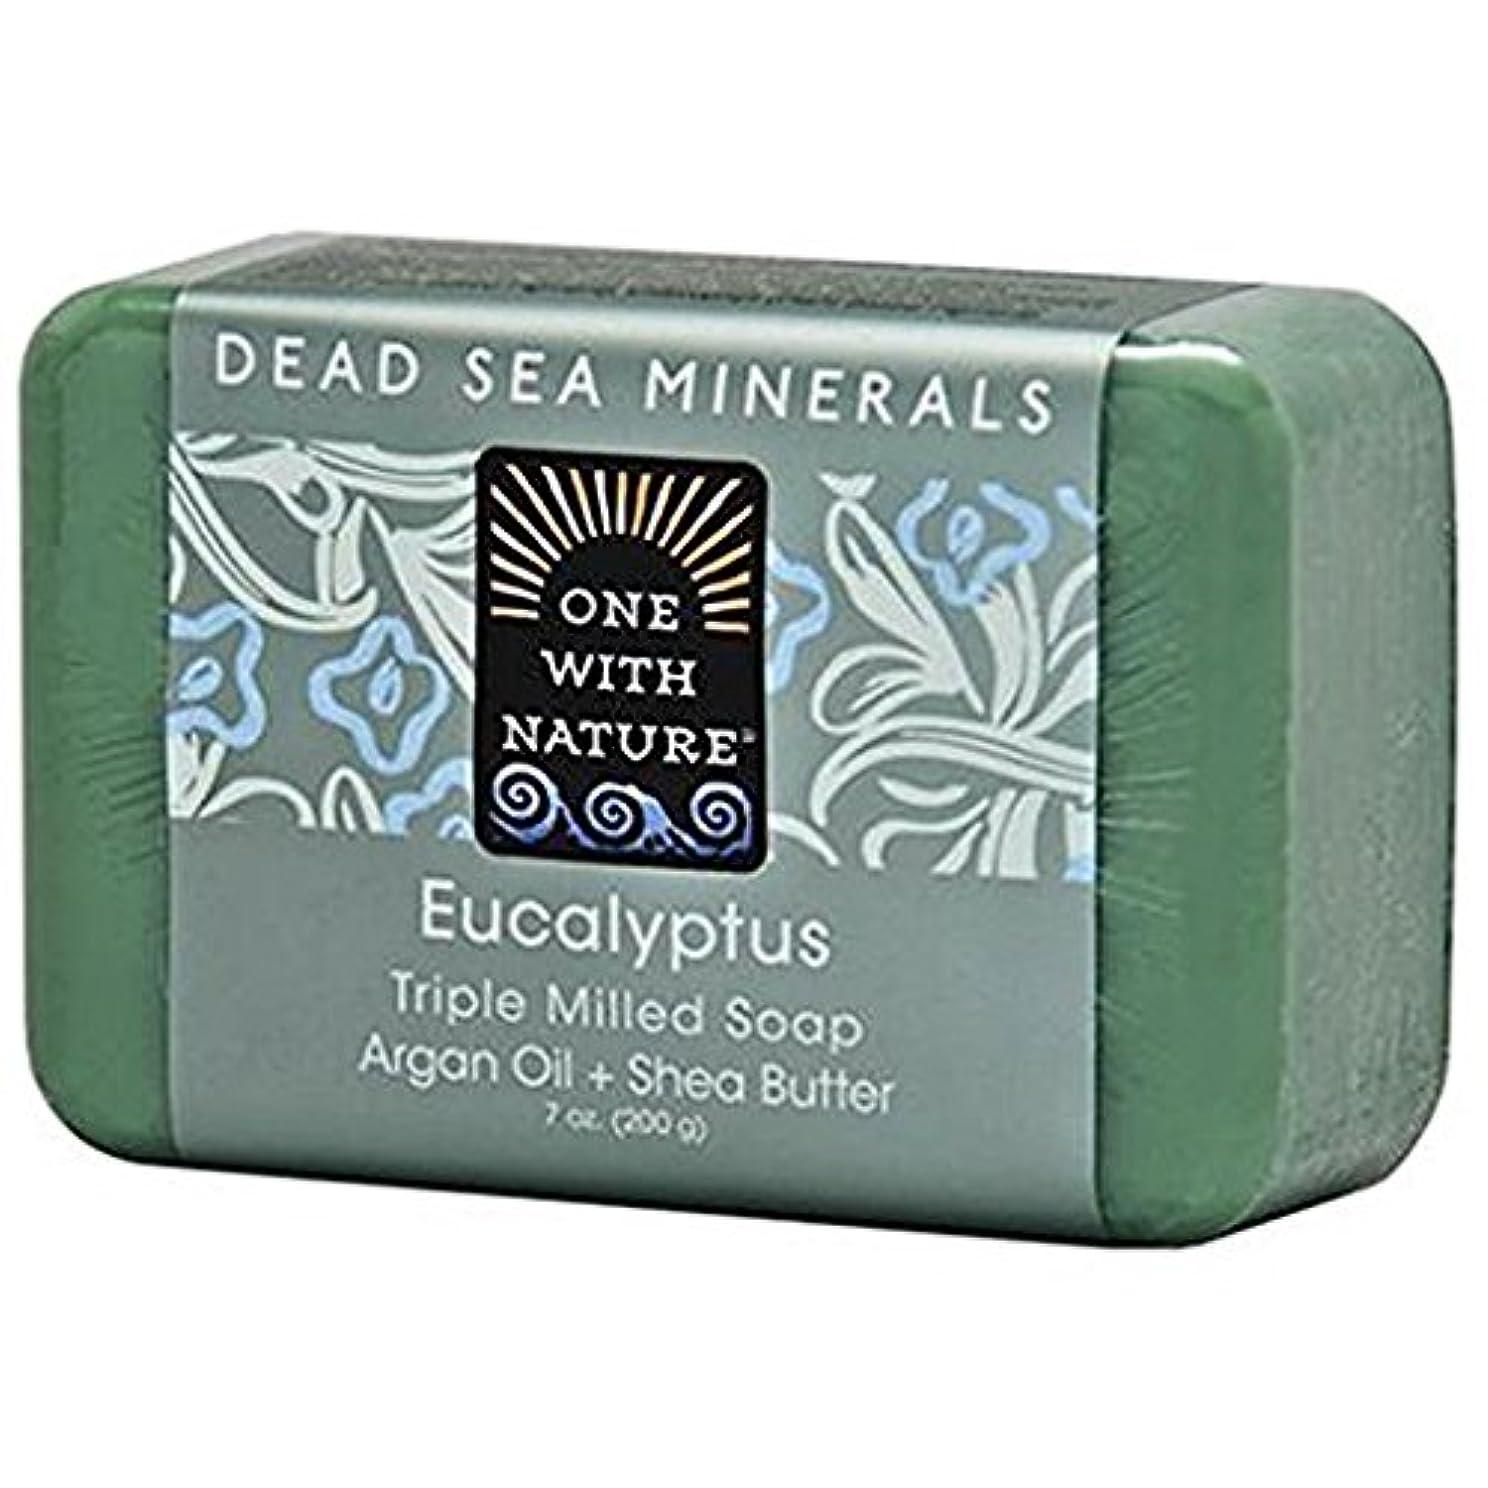 移動準備アウターOne With Nature - 死んだSea Mineralsは製粉された棒石鹸のユーカリを三倍にする - 7ポンド [並行輸入品]